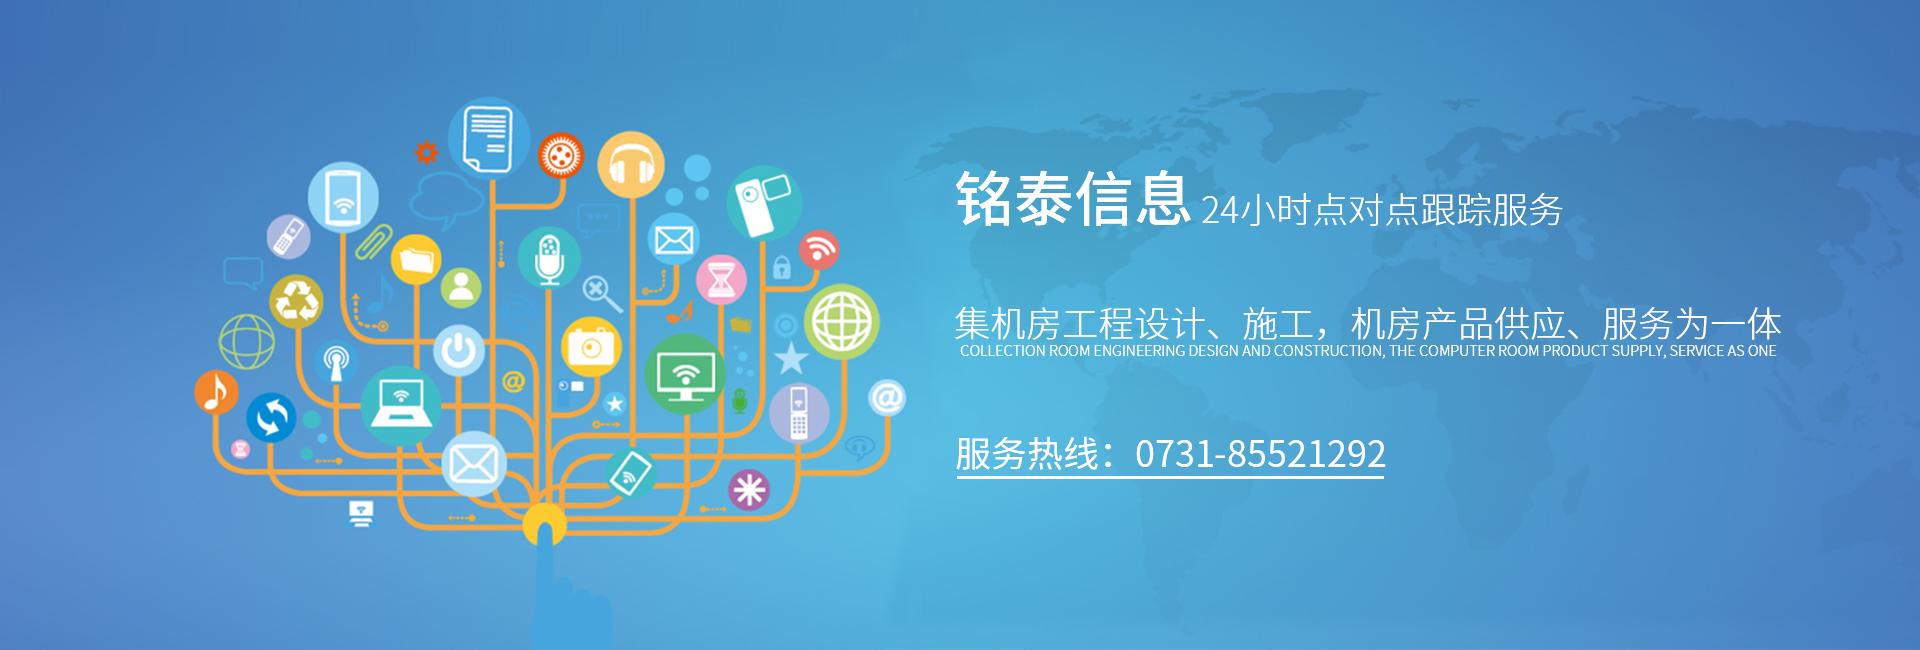 湖南铭泰信息科技有限公司